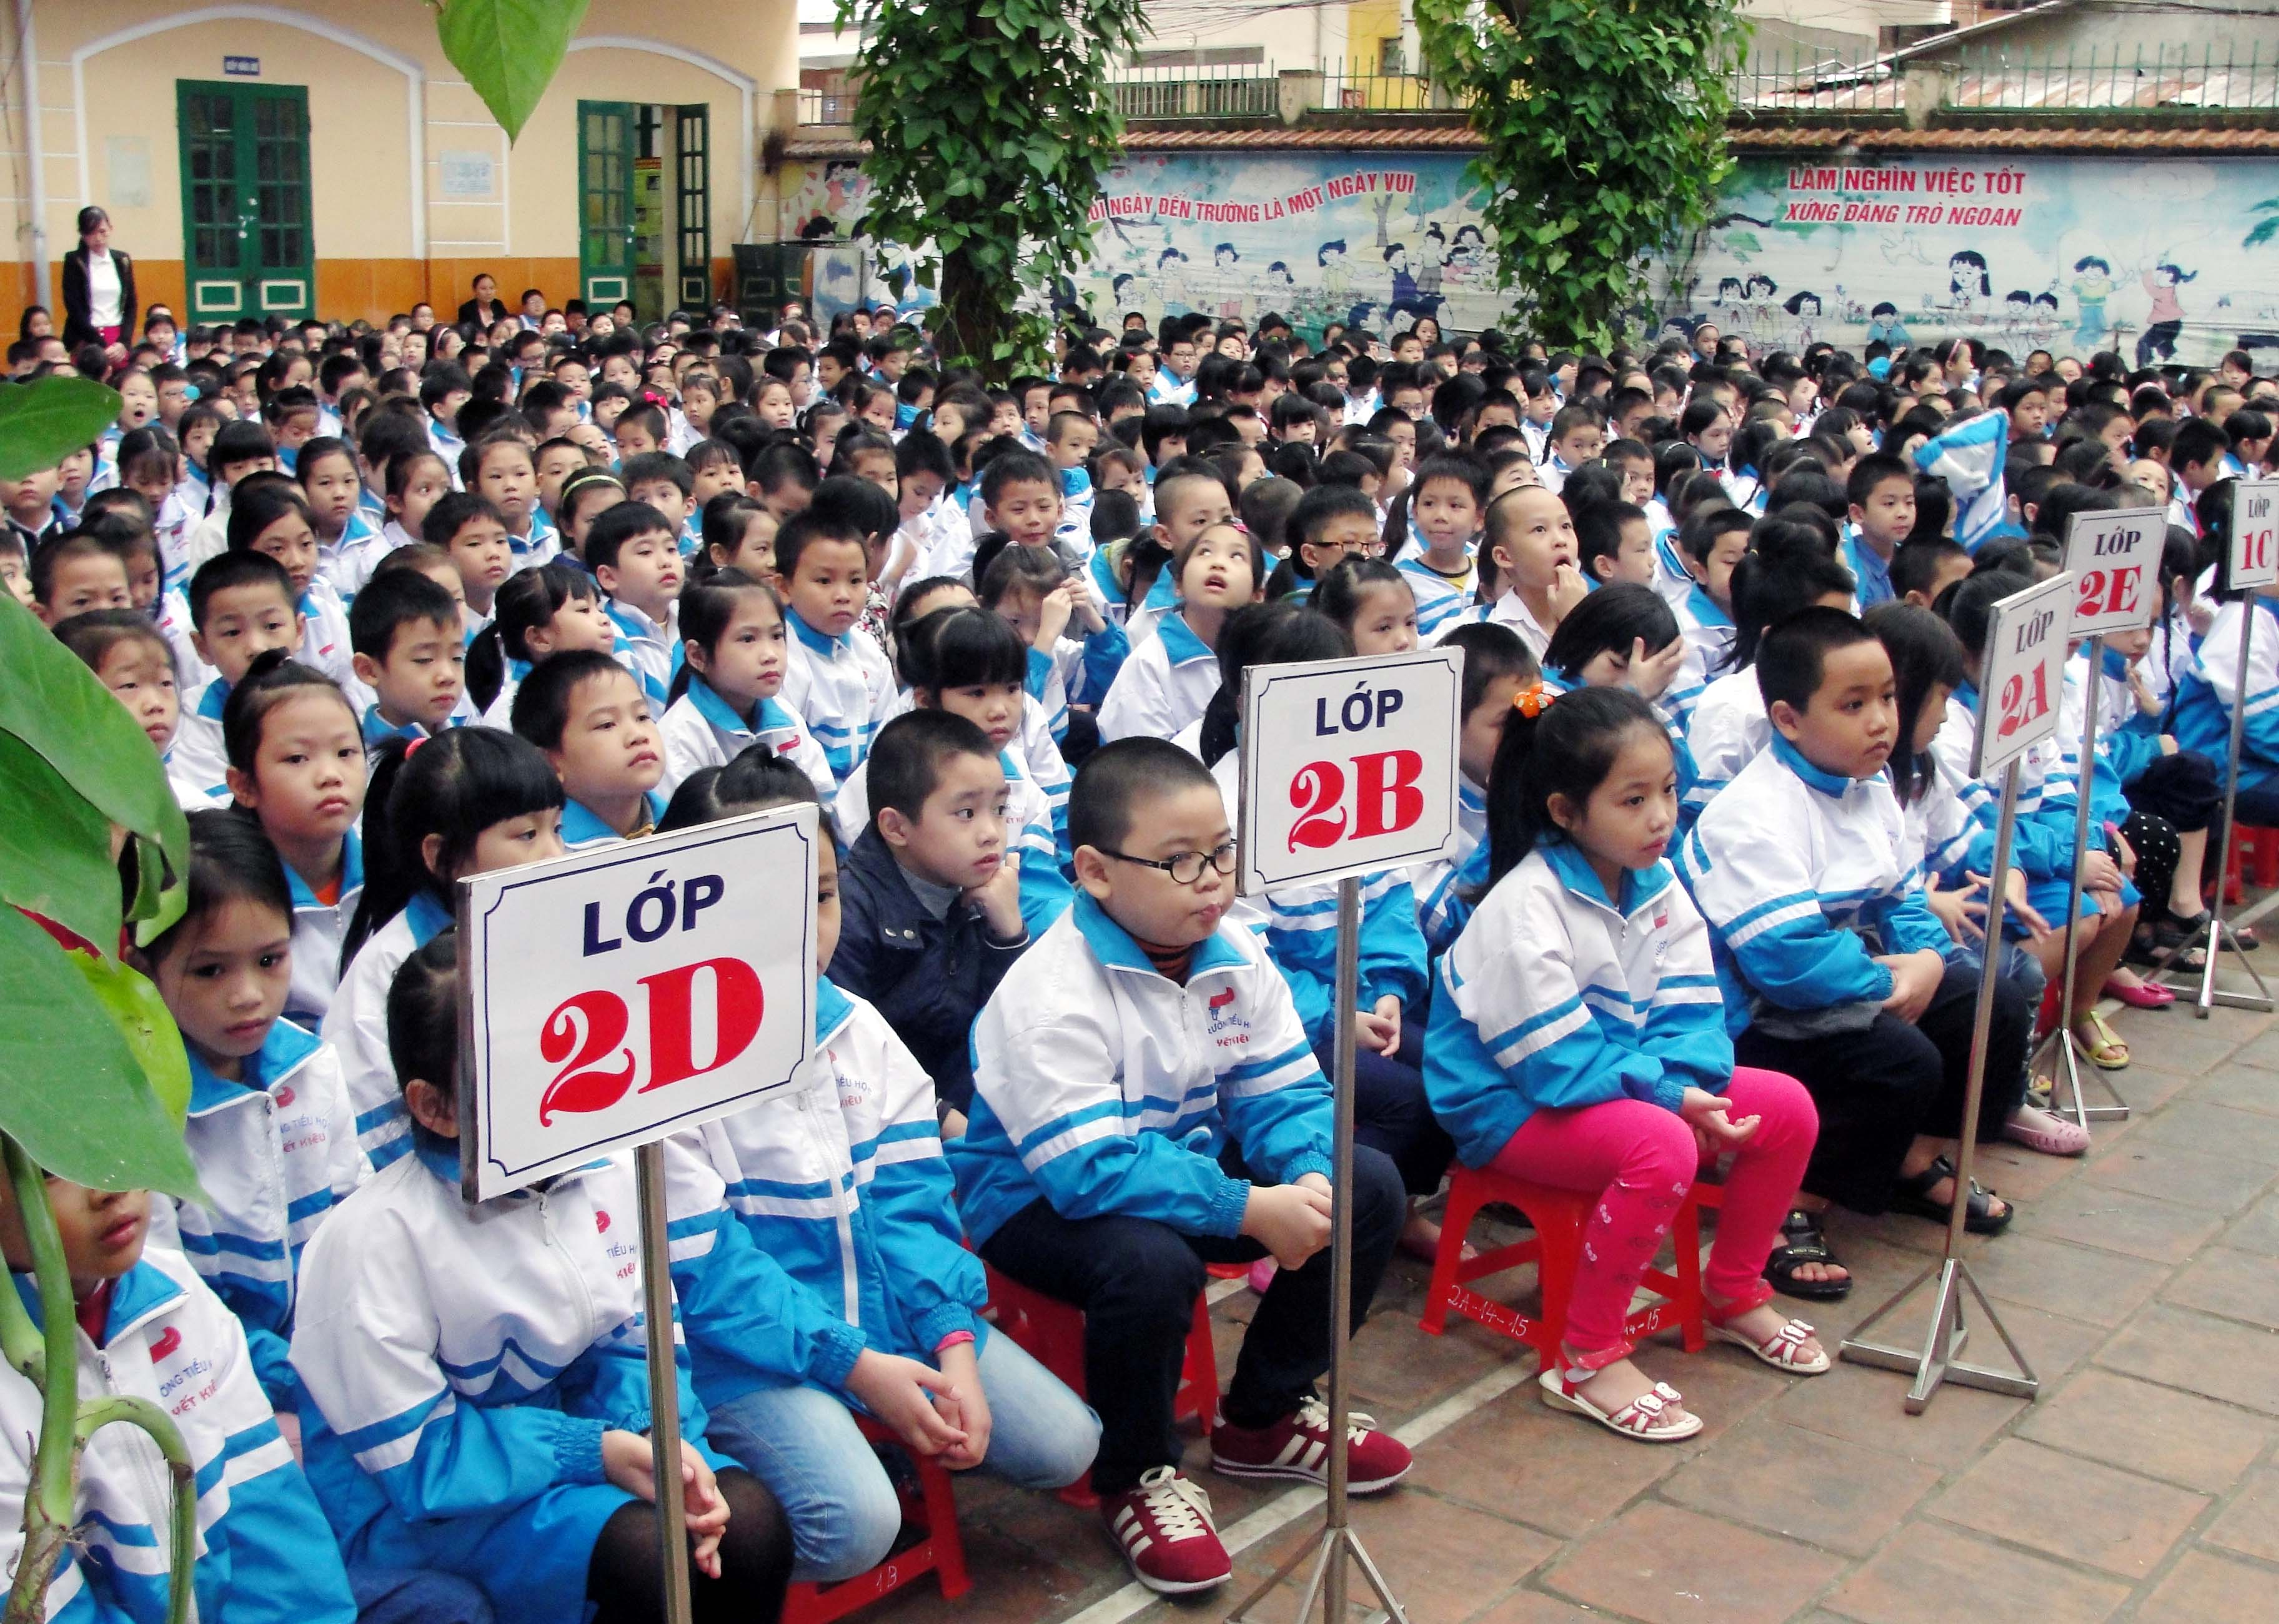 Trường Tiểu học công lập quận Hà Đông - Yết Kiêu (Ảnh: Cổng thông tin điện tử quận Hà Đông - Hà Nội)